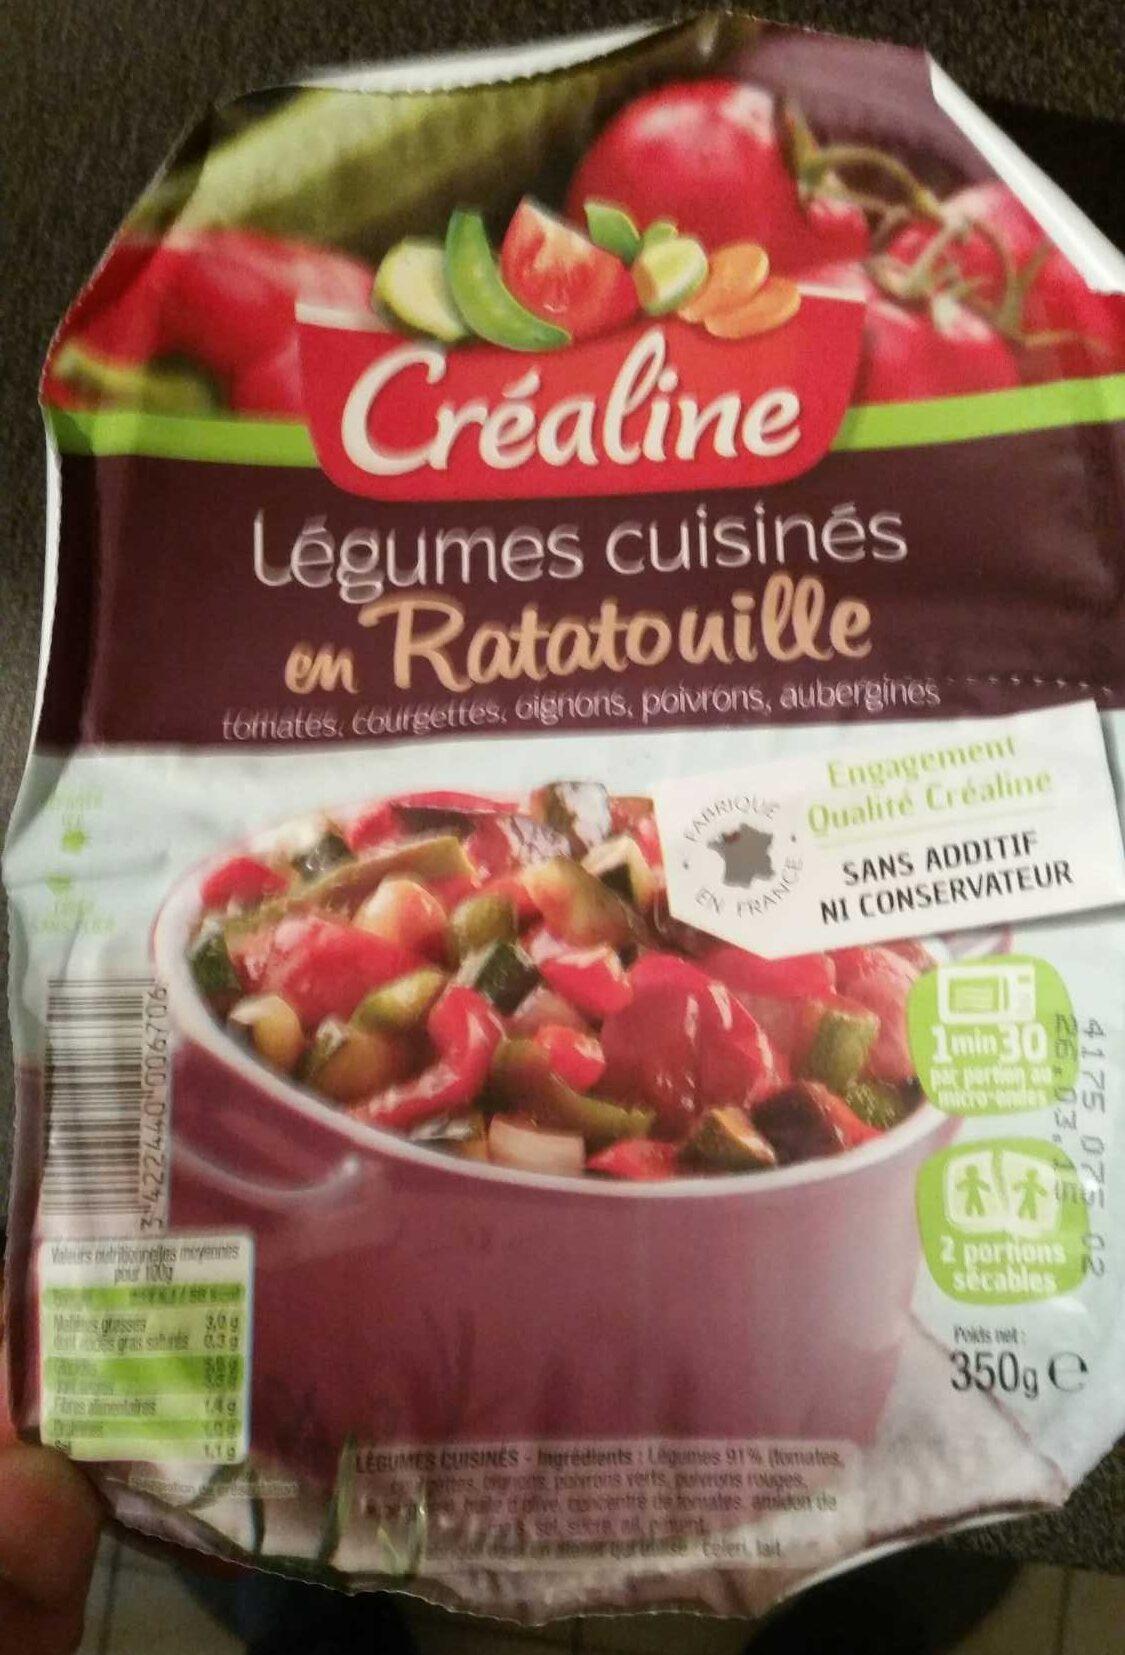 légumes cuisinés en ratatouille - Produit - fr